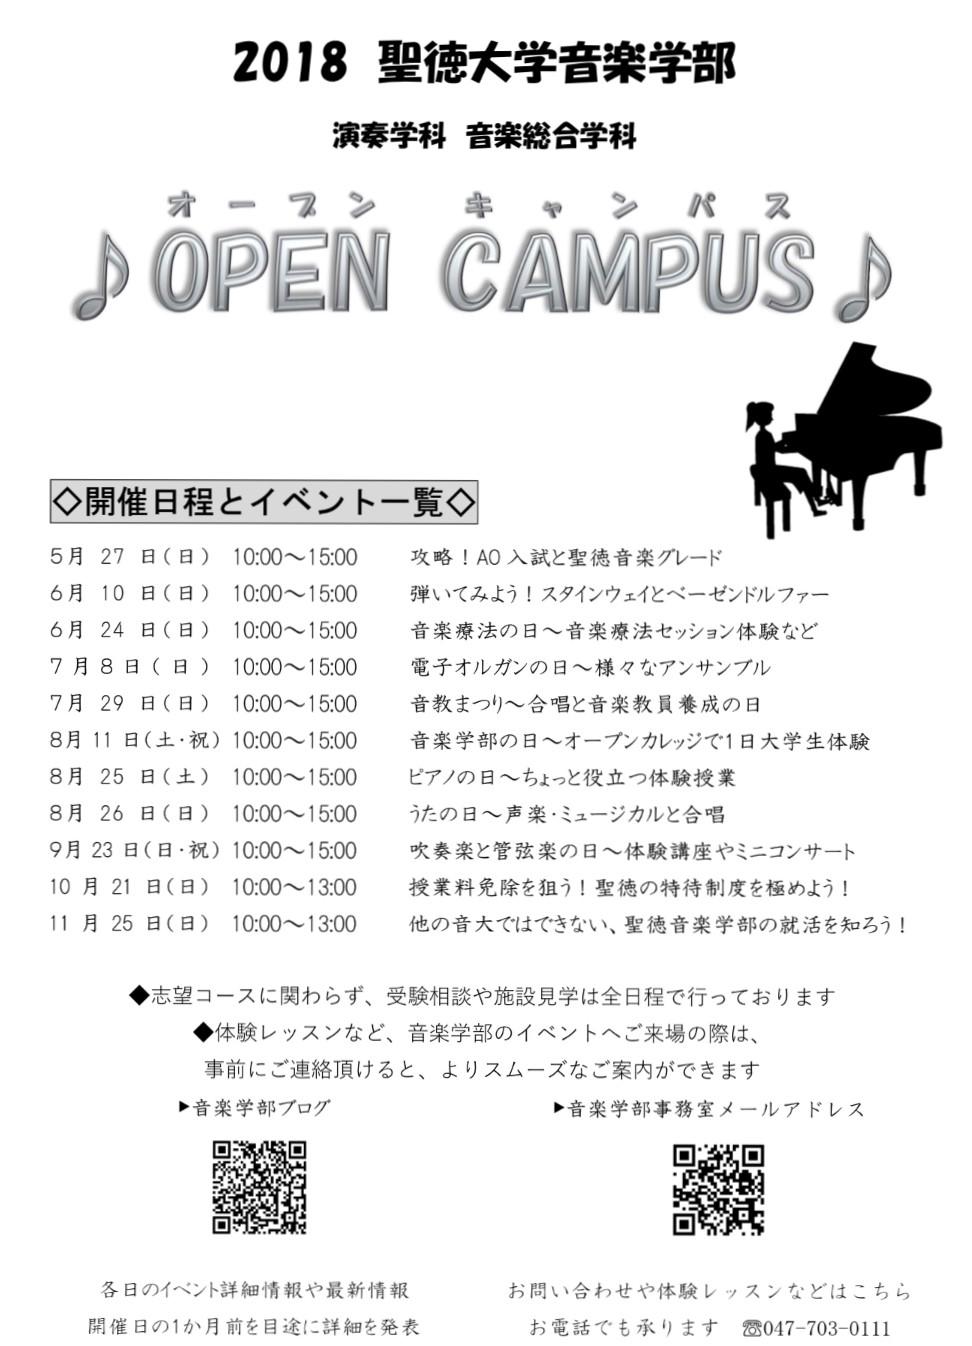 音楽学部のオープンキャンパス~各回のテーマとイベント発表!~